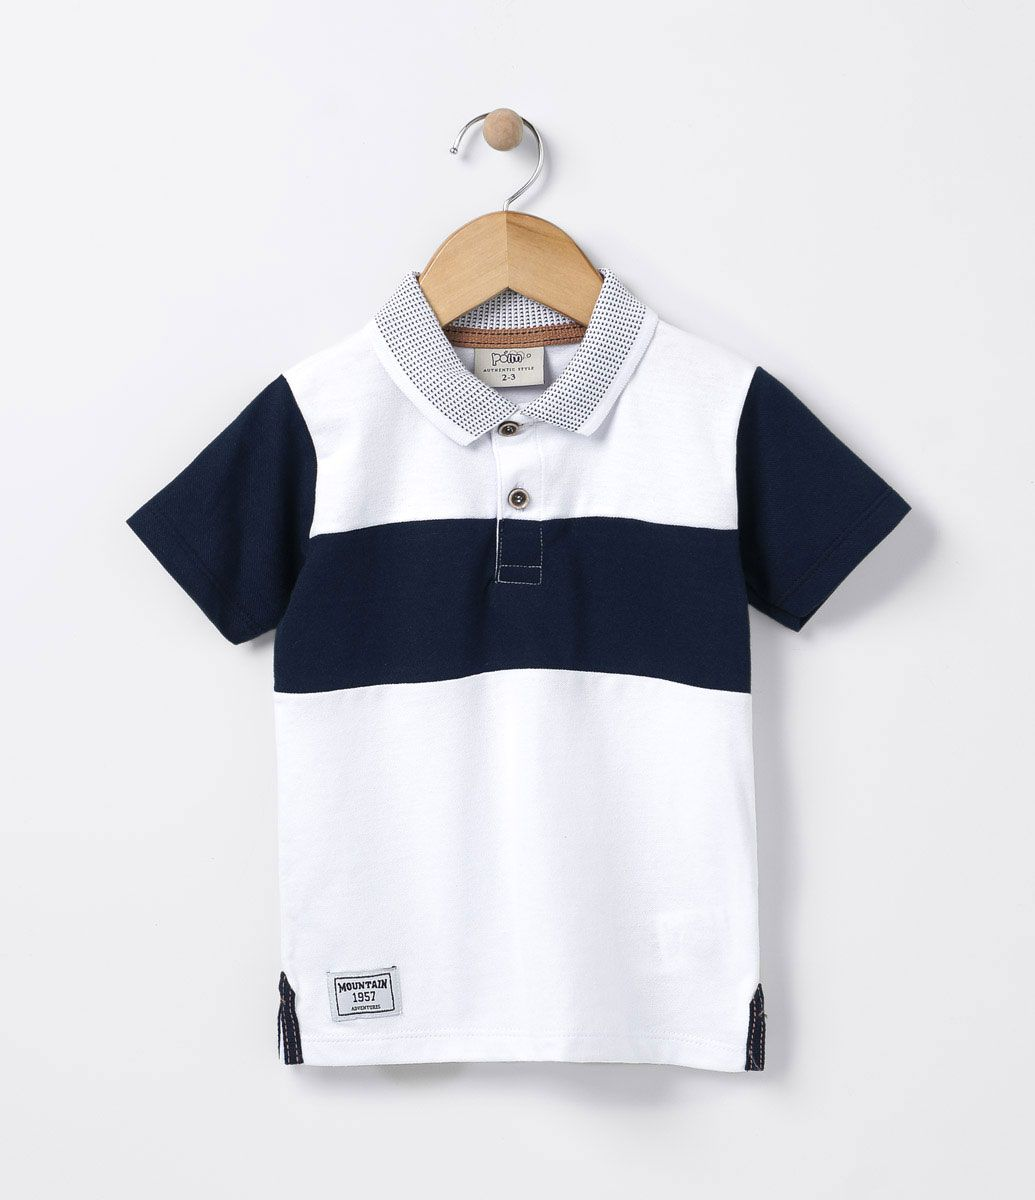 Camiseta infantil Manga curta Gola polo Com recorte Marca  Póim Tecido   meia malha COLEÇÃO dc3d9cfdbc049